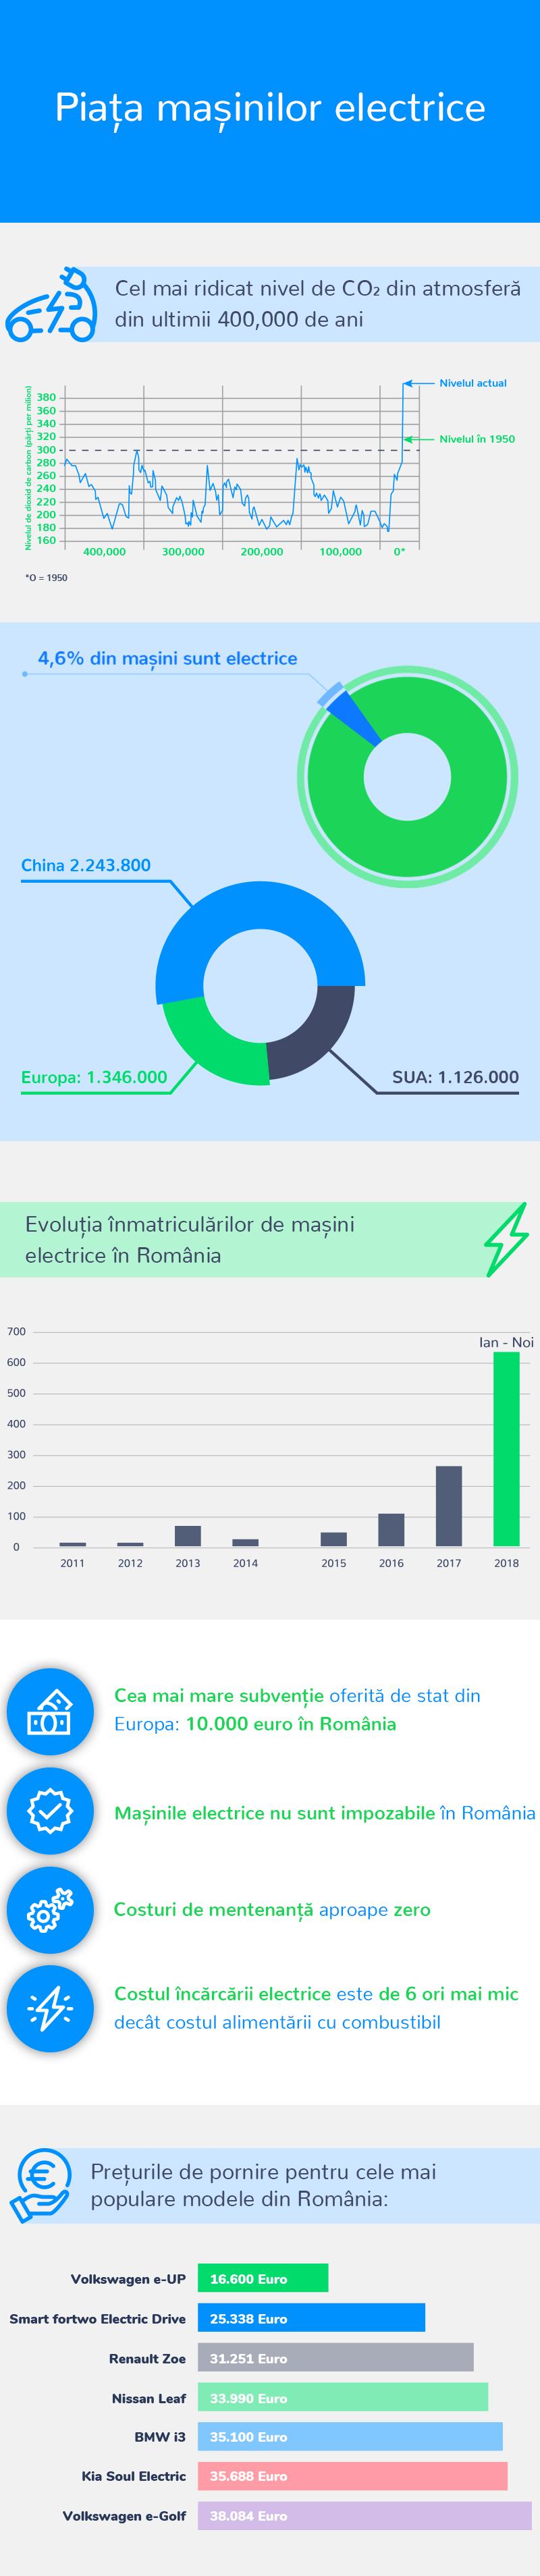 infografic_lek3.co_RO